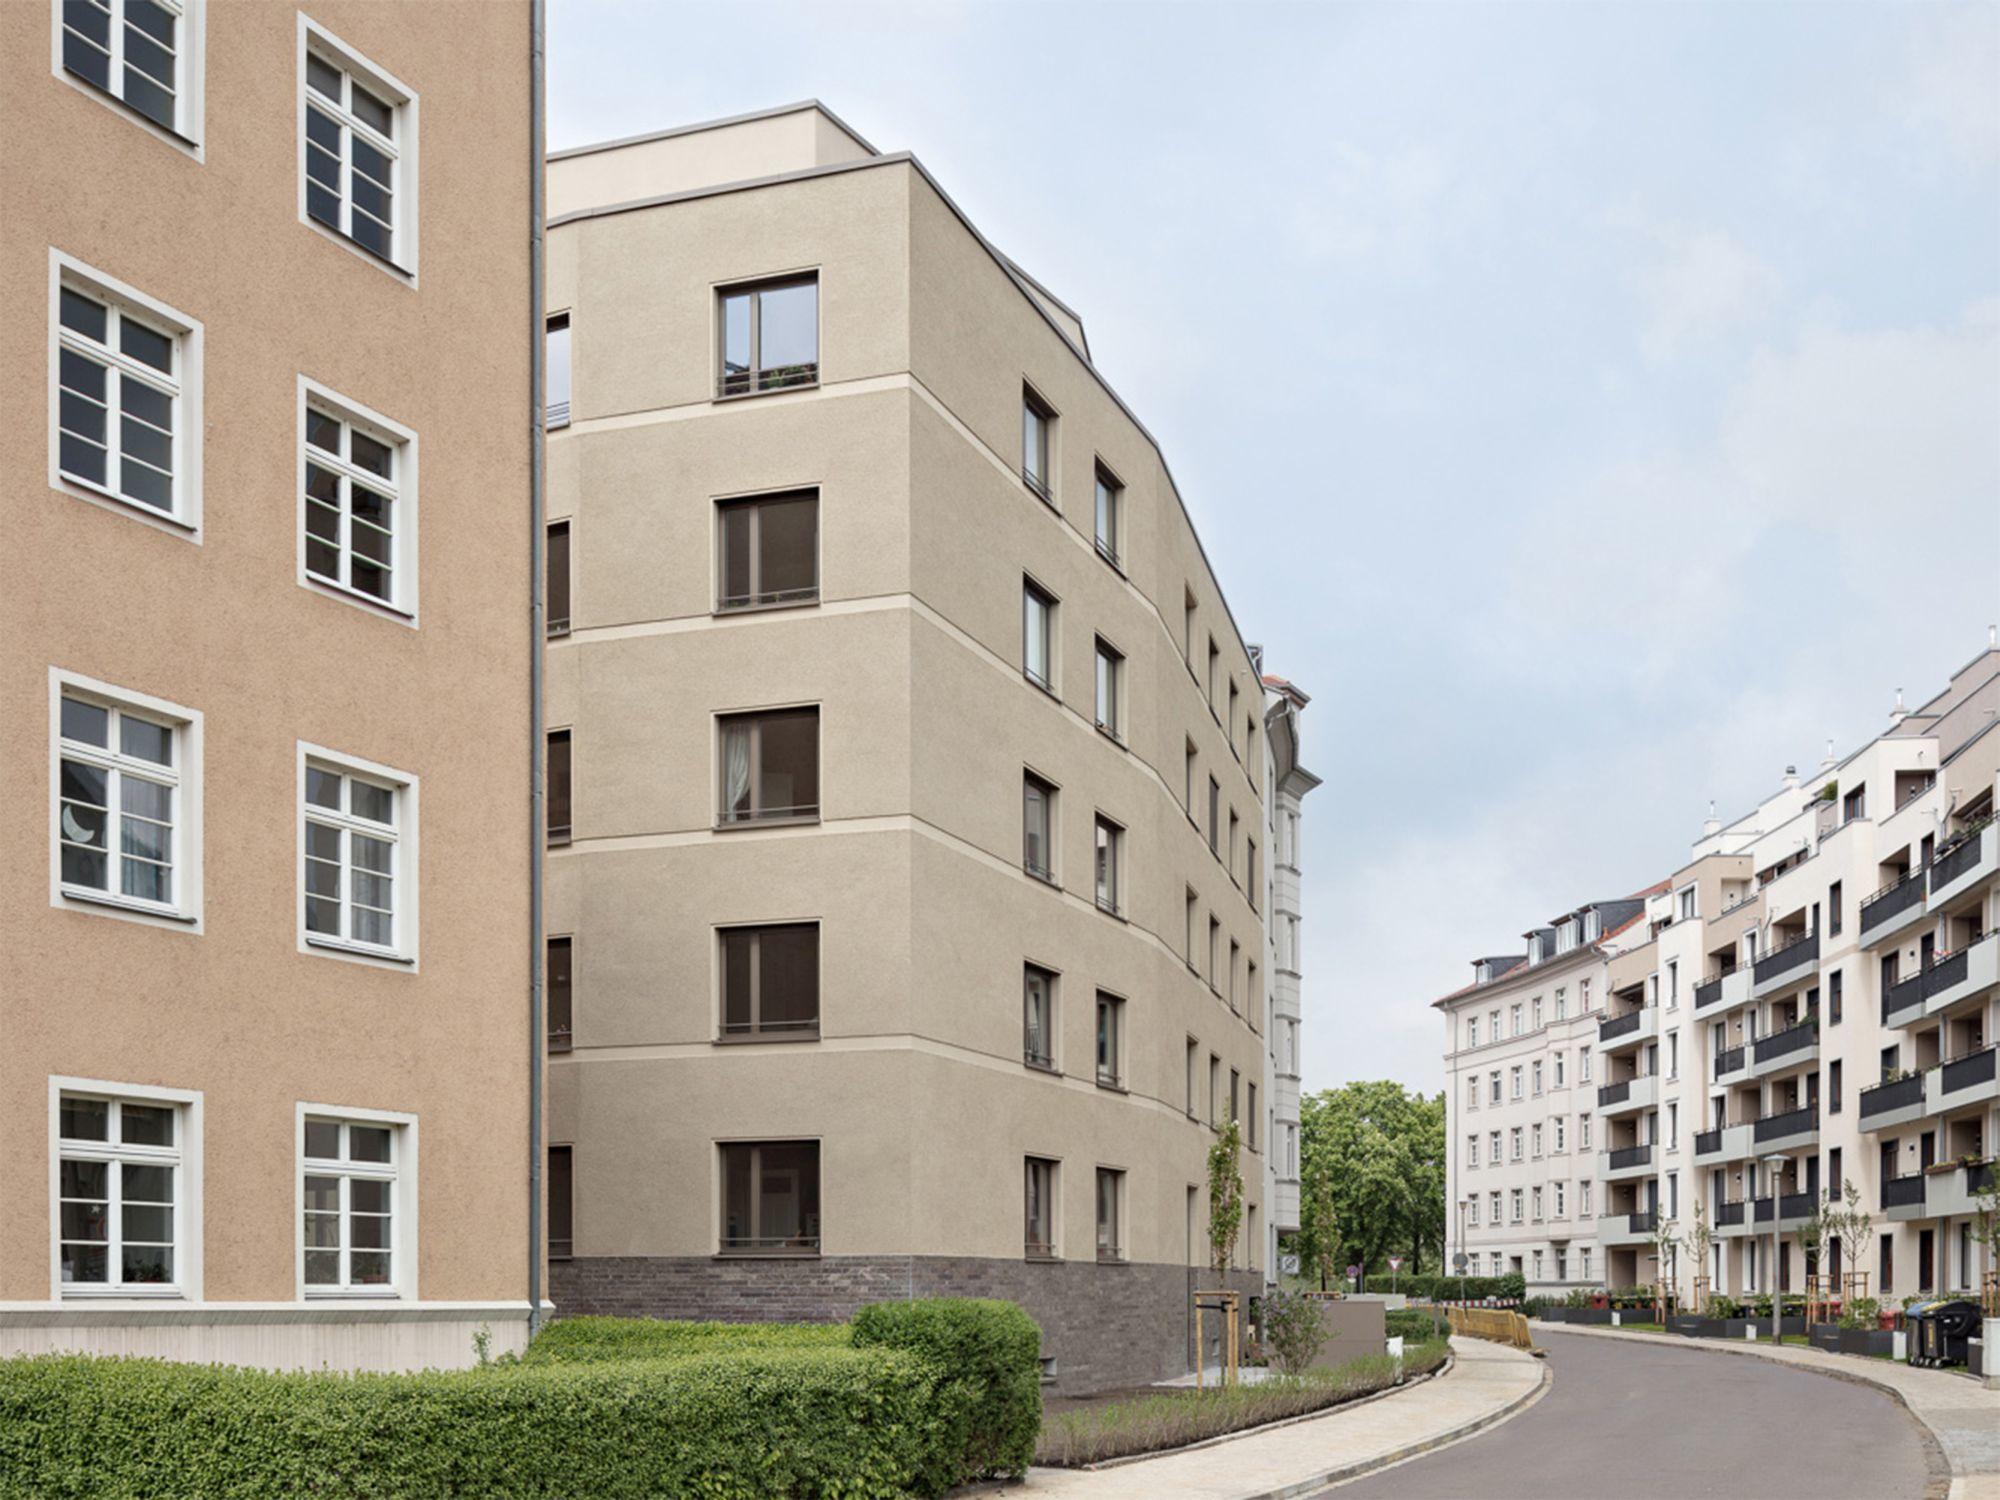 Architekten Dresden baugemeinschaft johannstadt mehrfamilienhaus f29 architekten